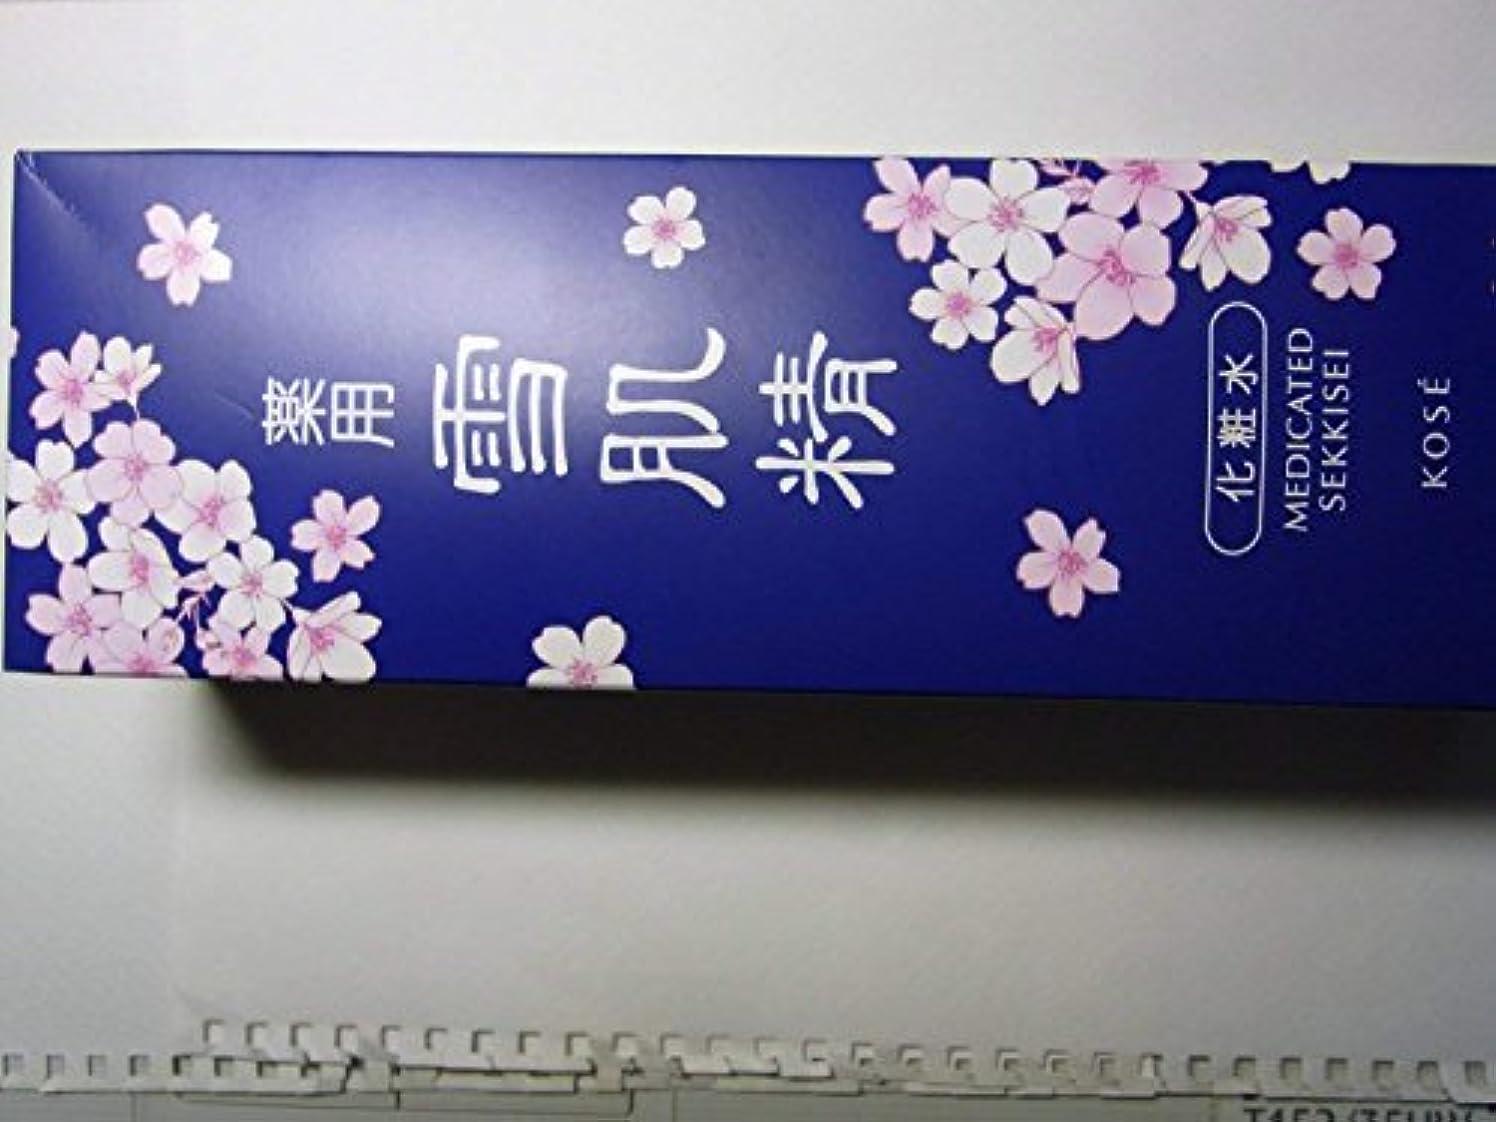 イノセンス法王横KOSE 薬用 雪肌精 化粧水500ml(桜デザイン限定ボトル) [並行輸入品]